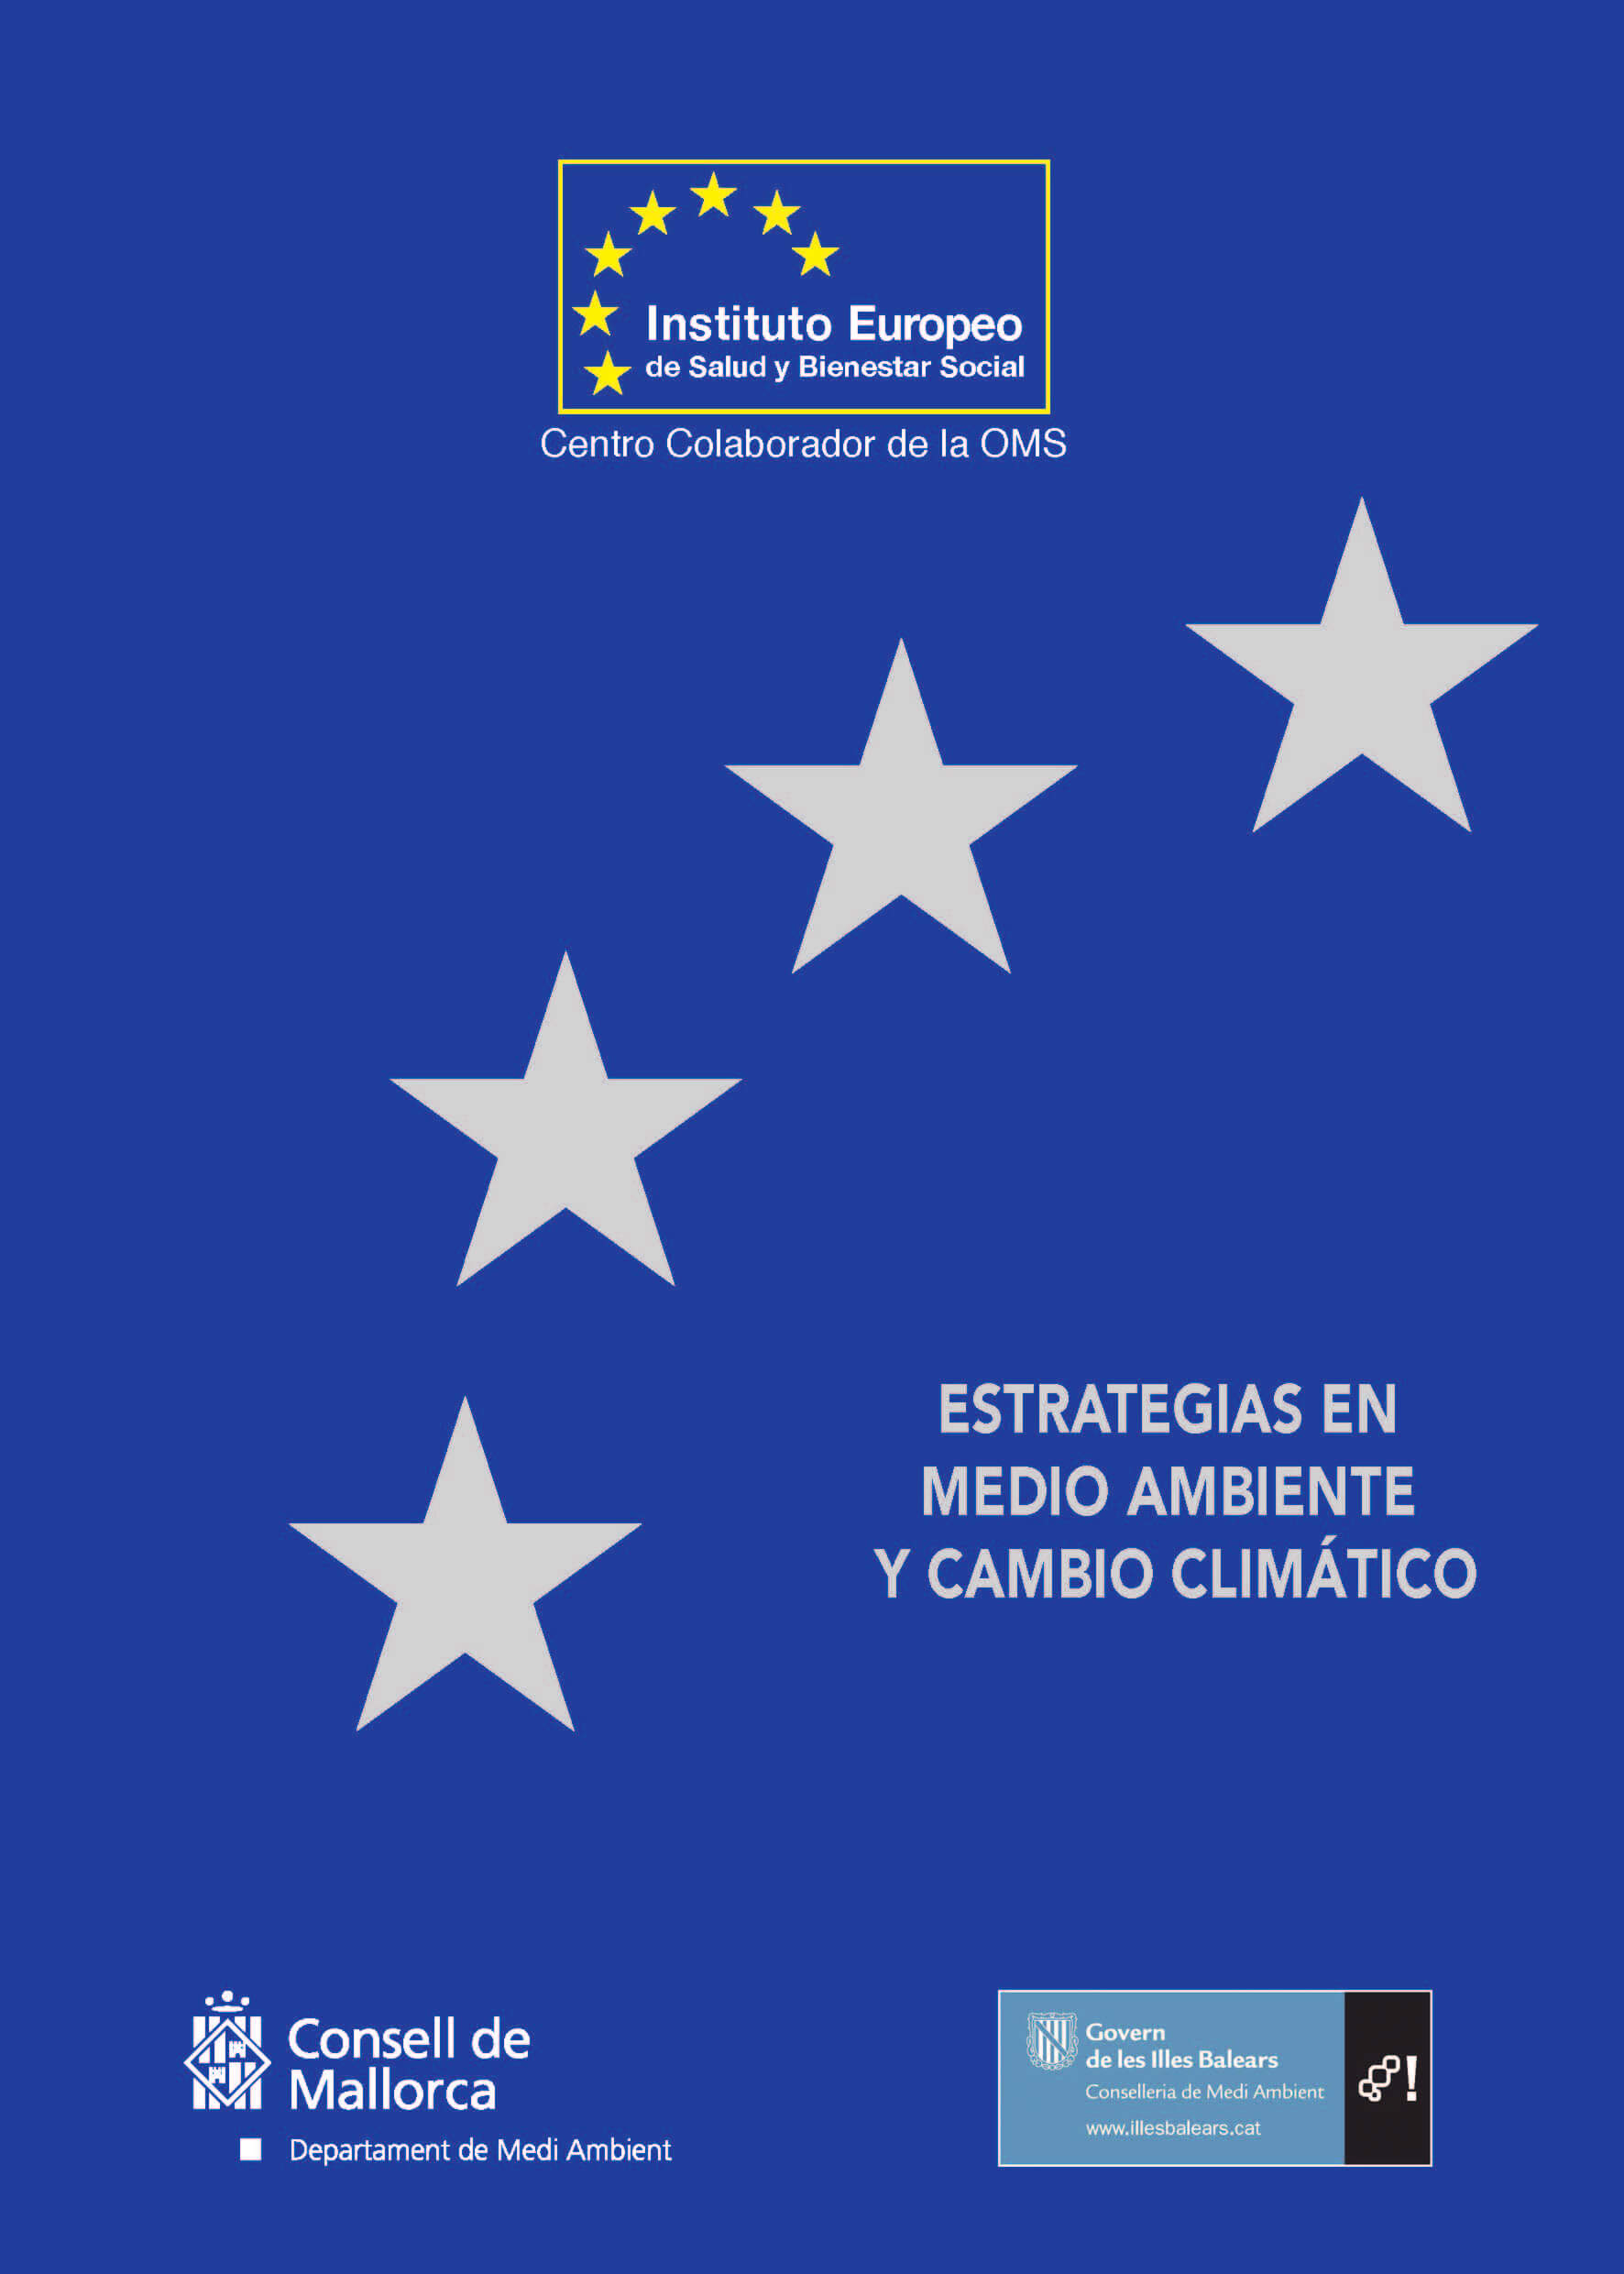 instituto europeo de salud ¿Qué es el Instituto Europeo de Salud? ESTRATEGIAS EN MEDIO AMBIENTE Y CAMBIO CLIM TICO